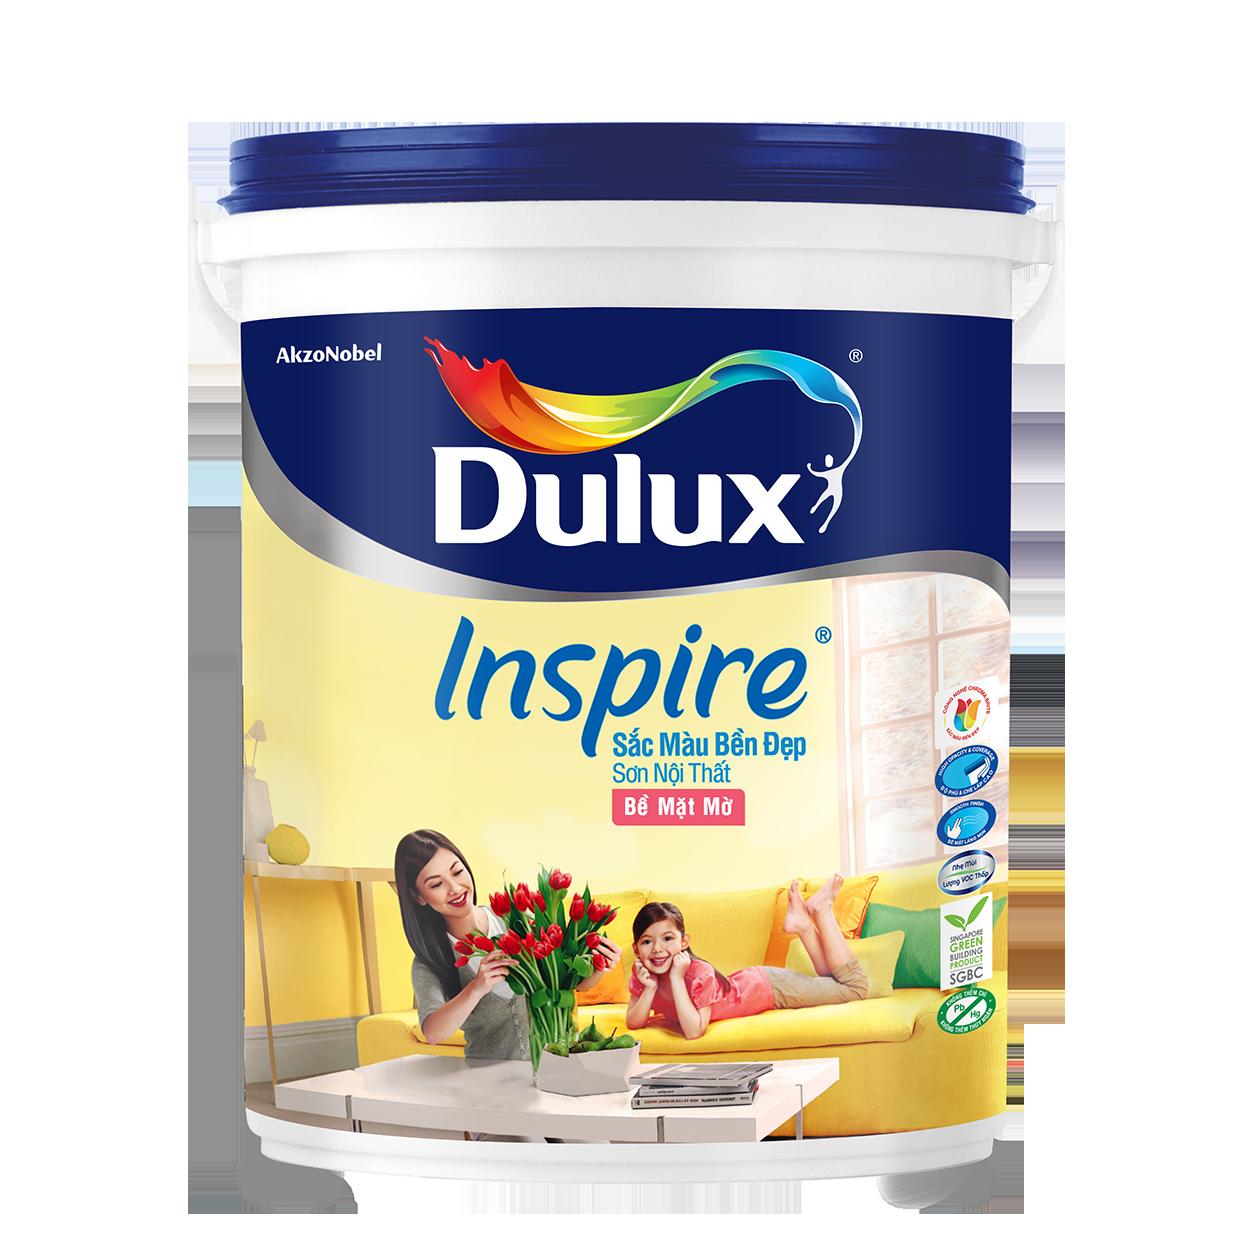 Dulux Inspire Nội Thất Sắc Màu Bền Đẹp Bề Mặt Mờ